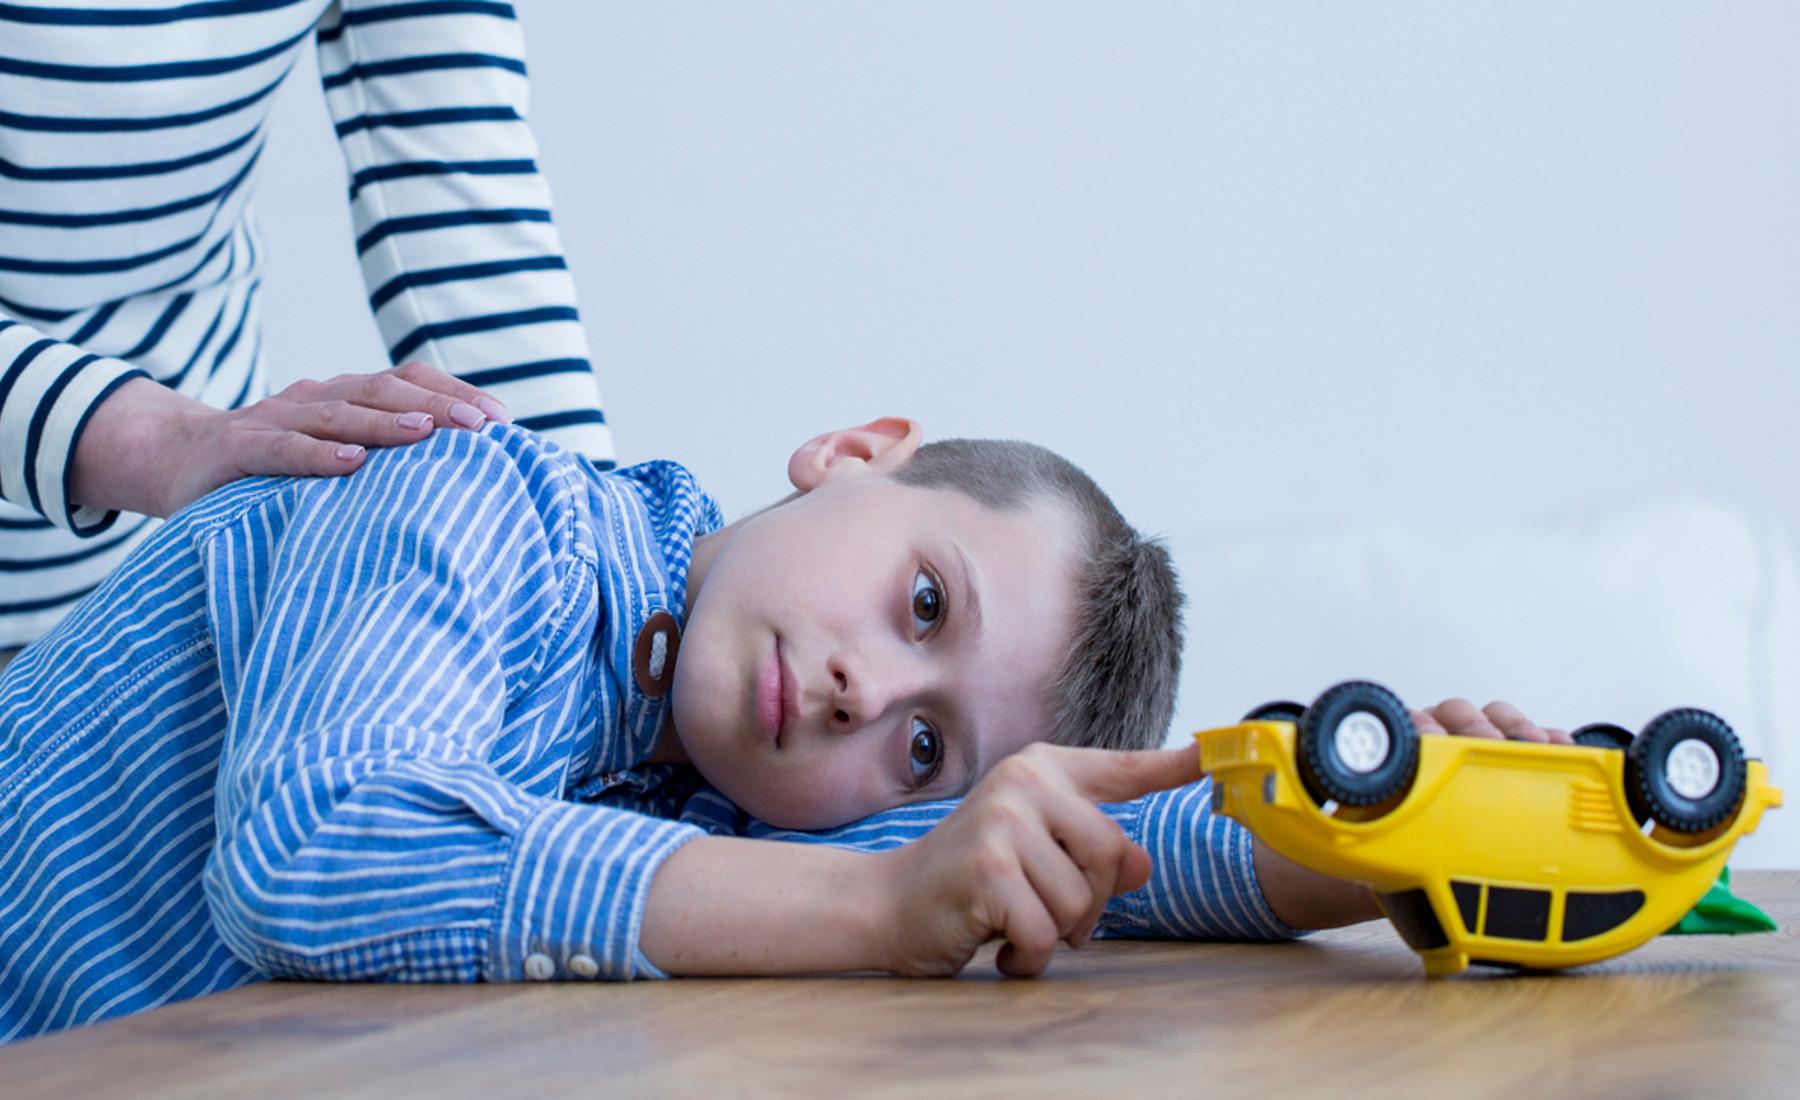 פחדים וחרדה אצל ילדים בעידן הקורונה